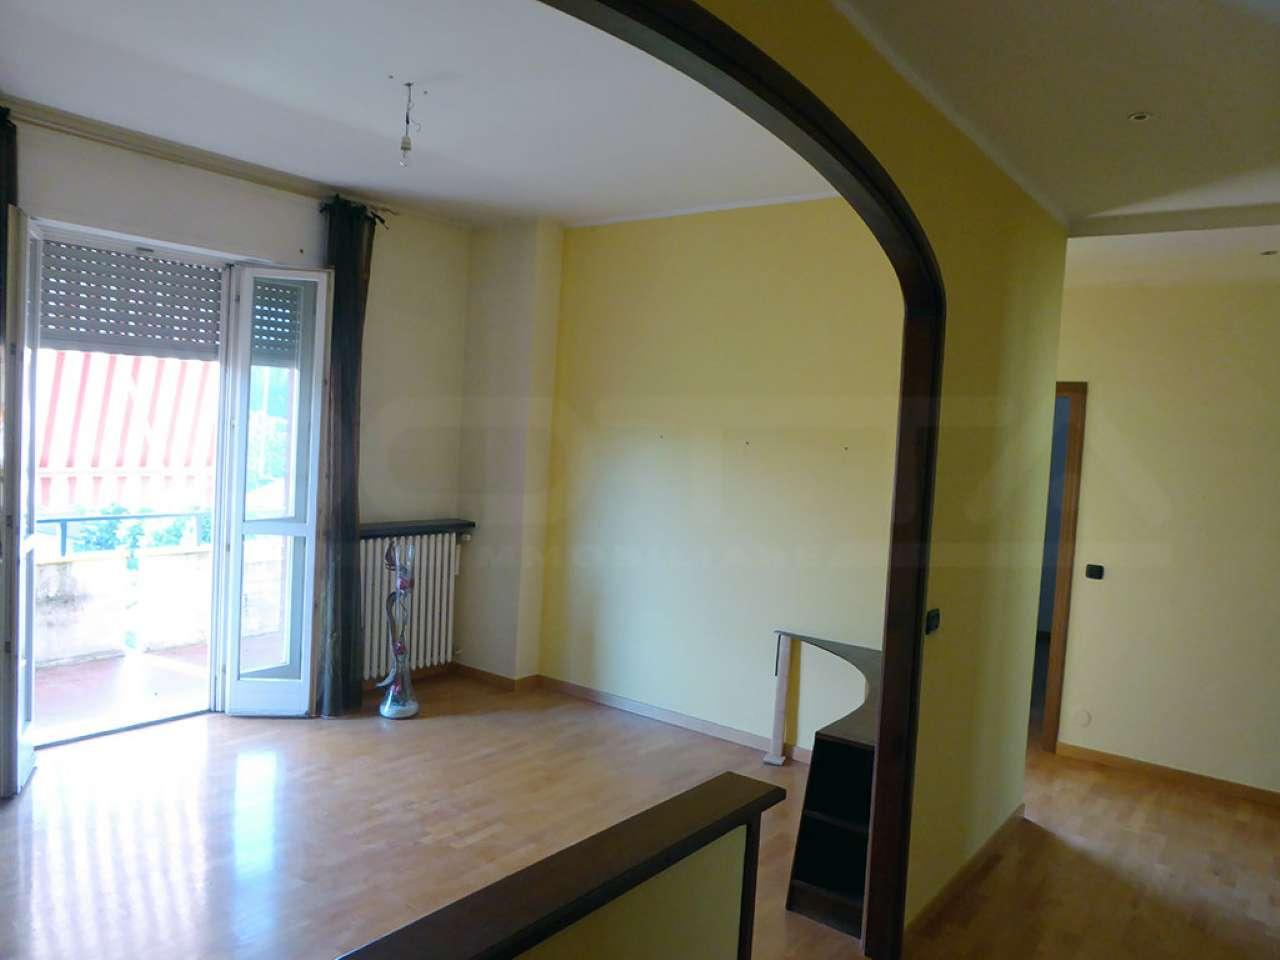 Appartamento ristrutturato in vendita Rif. 6842827